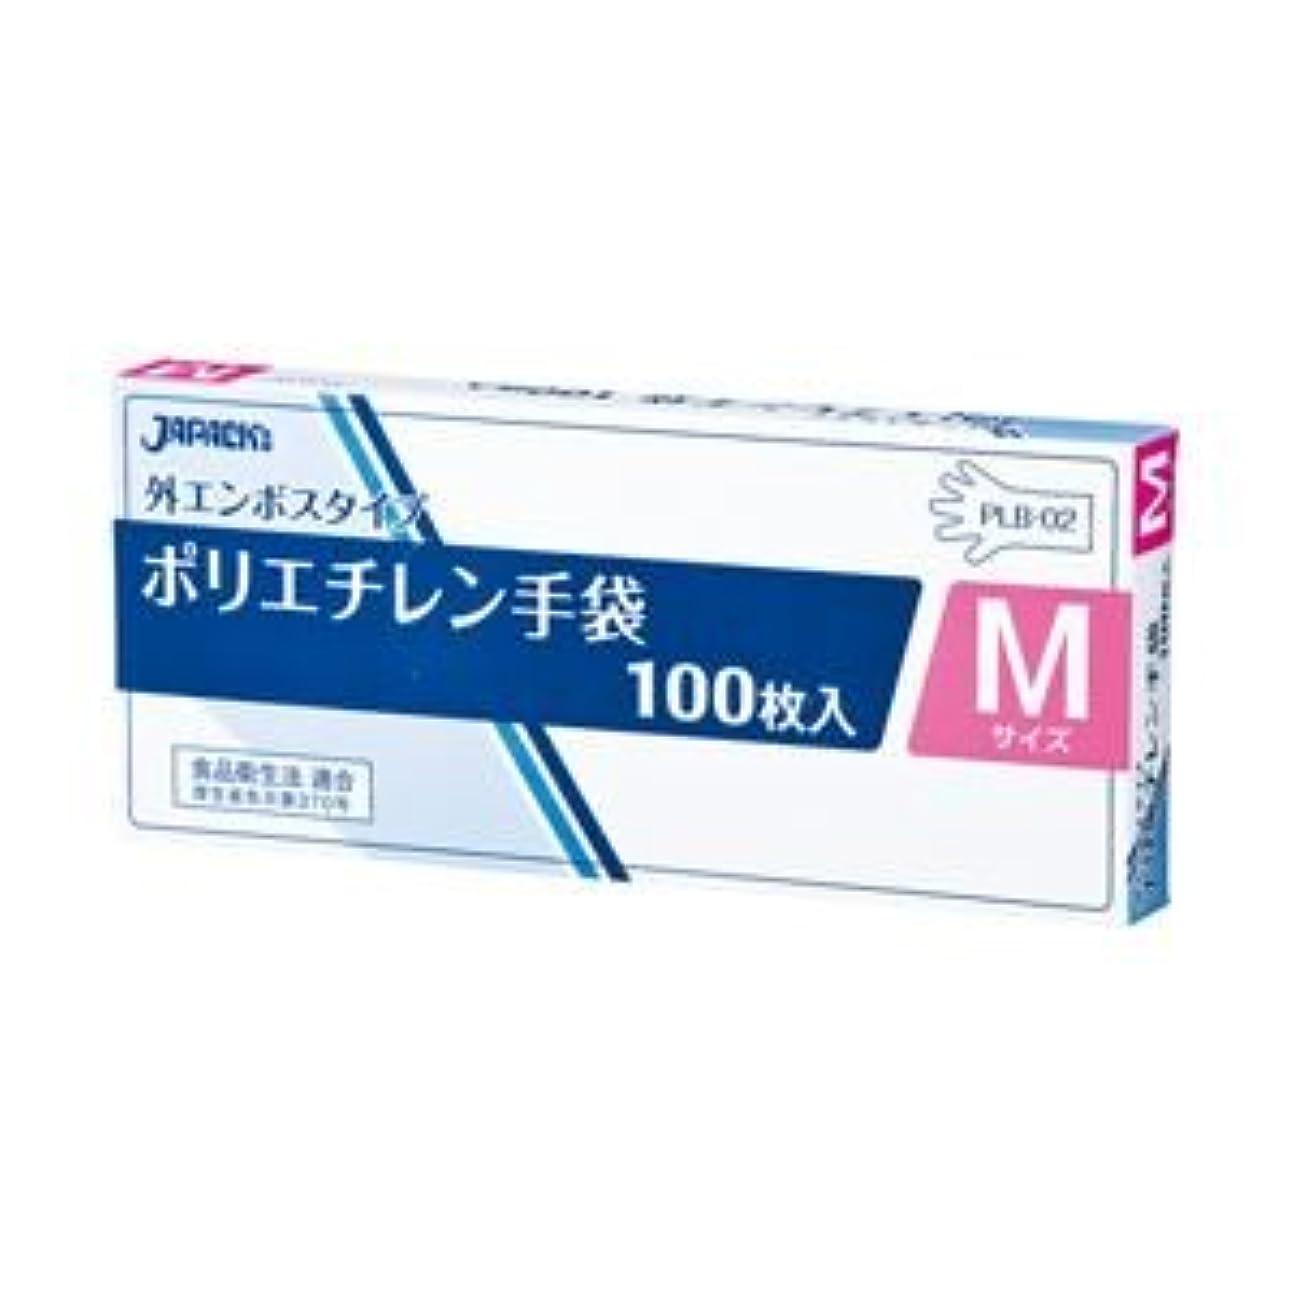 バックアップ力強いブラウズジャパックス LDポリエチレン手袋 M 1箱(100枚) ×20セット